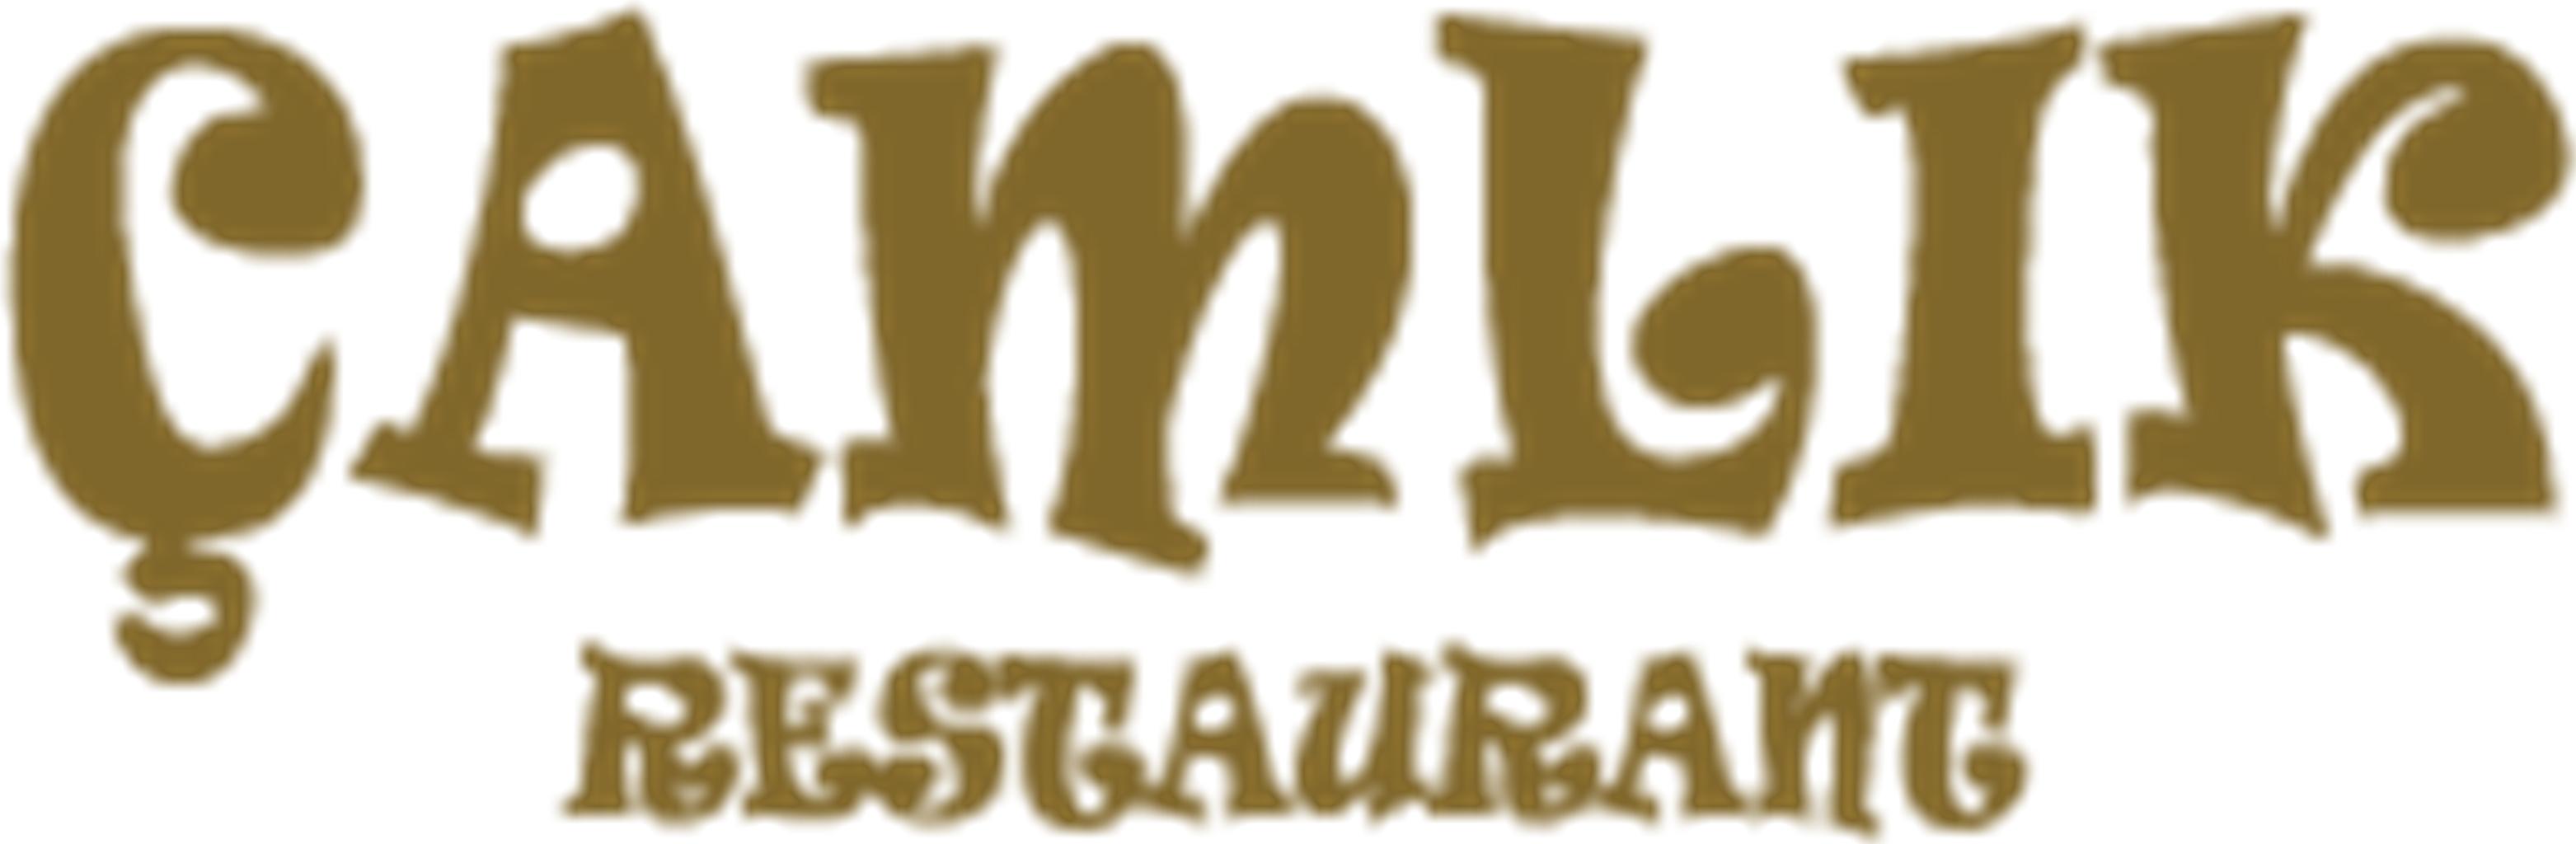 Çamlık Restaurant Et & Balık